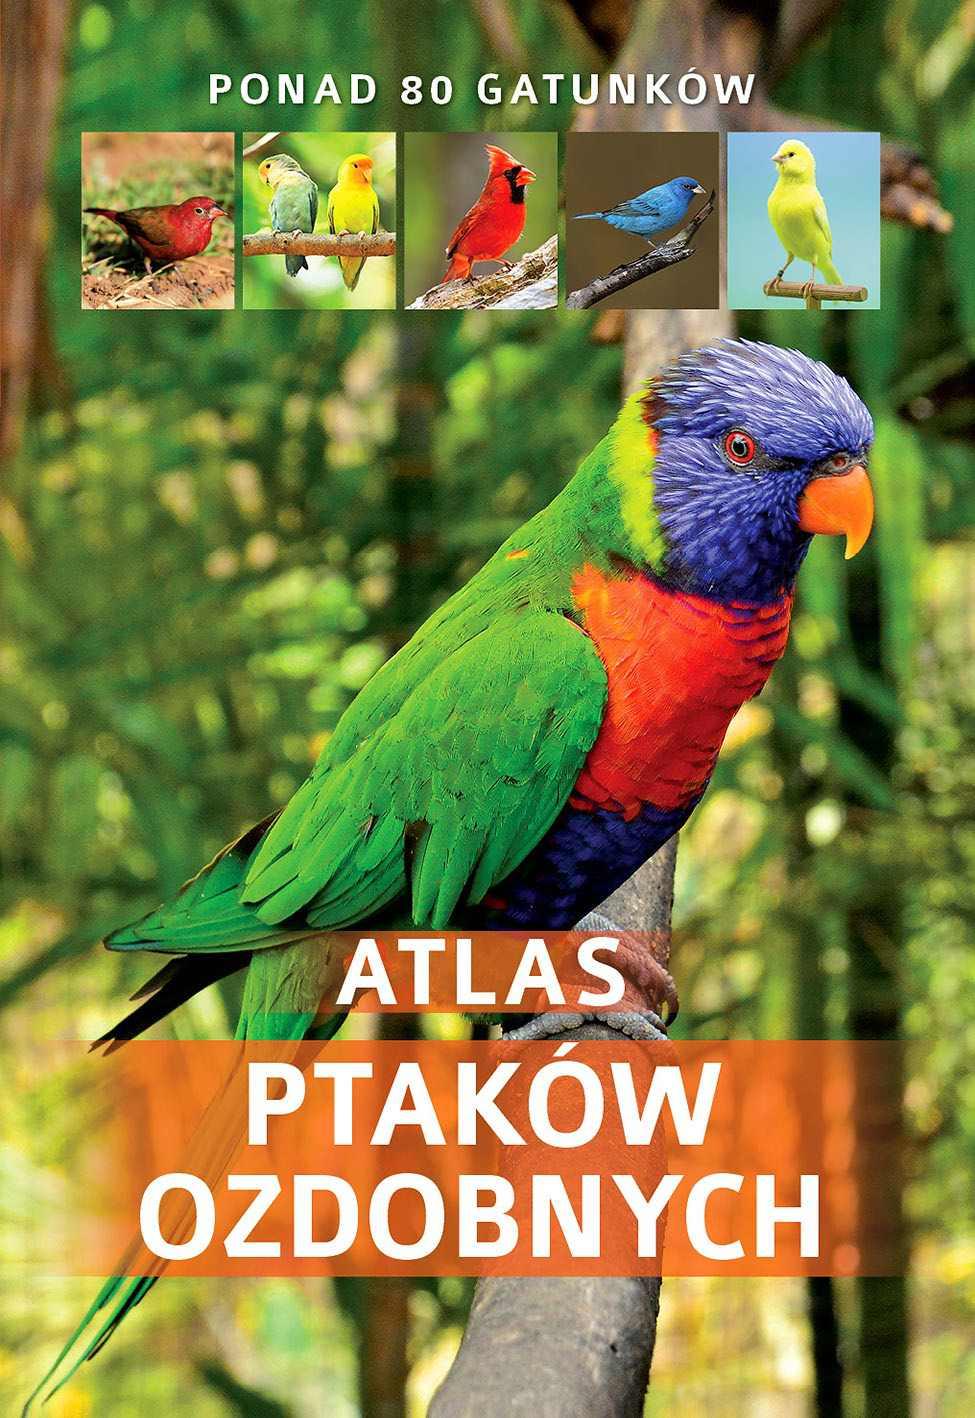 Atlas Ptaków Ozdobnych - Ebook (Książka PDF) do pobrania w formacie PDF